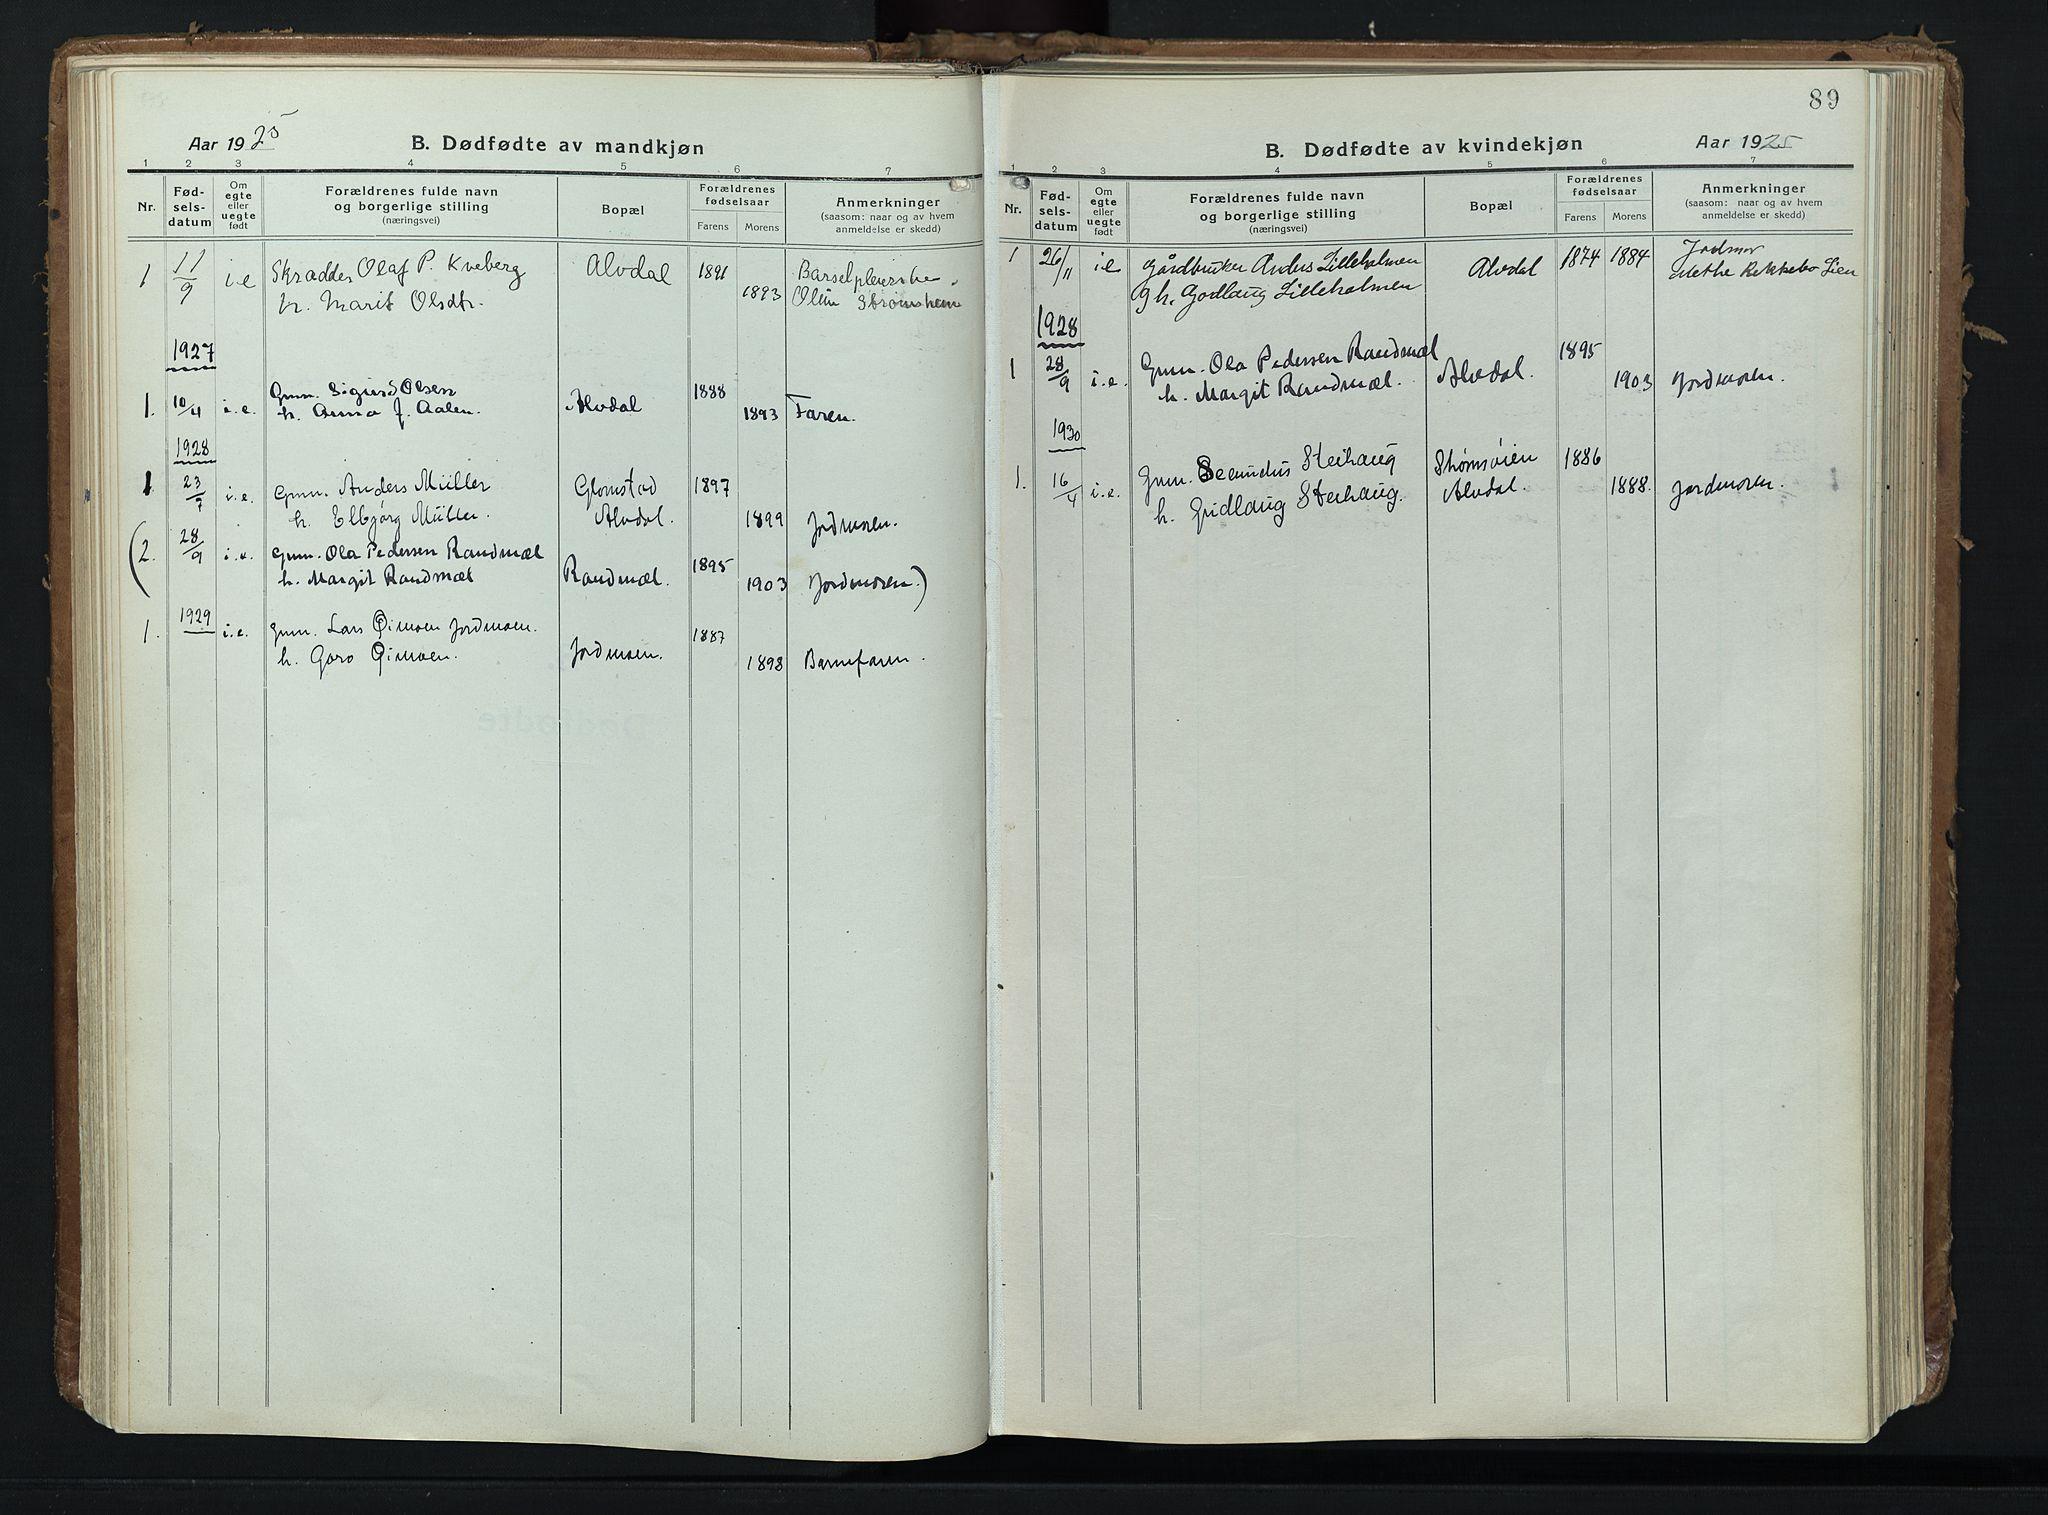 SAH, Alvdal prestekontor, Ministerialbok nr. 6, 1920-1937, s. 89